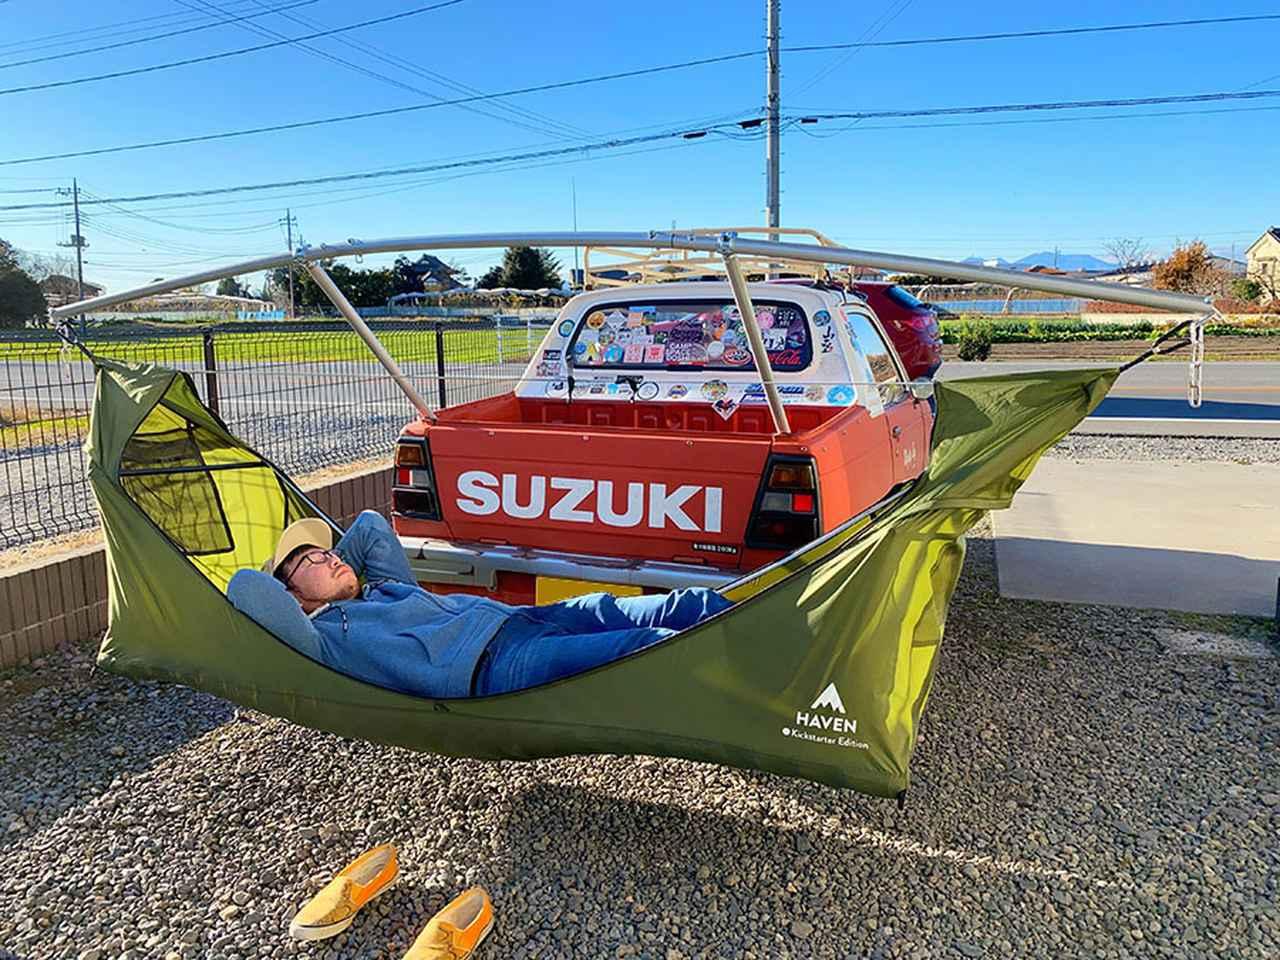 画像: 自作のハンモックキャリアで車中泊キャンプを楽しんでいる麻婆さん。